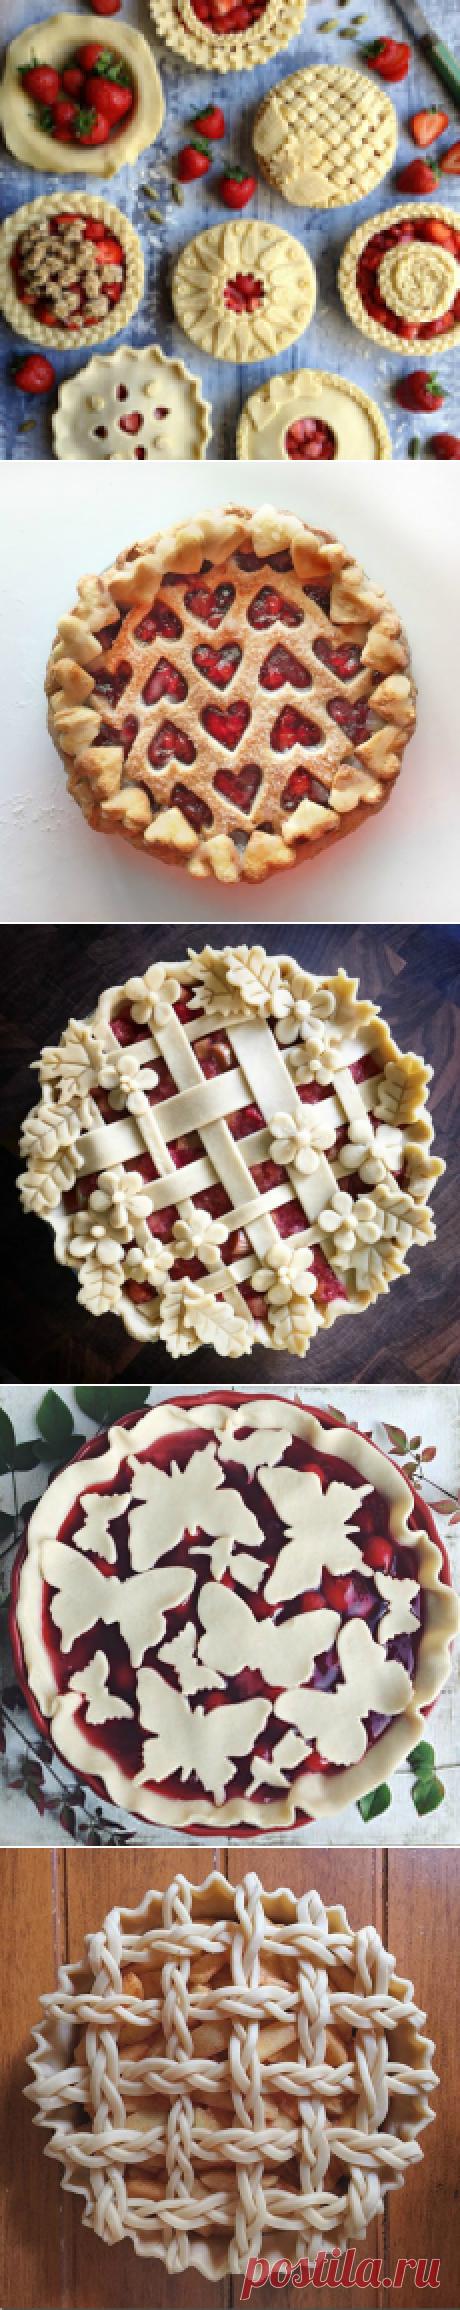 Красивые идеи оформления пирогов